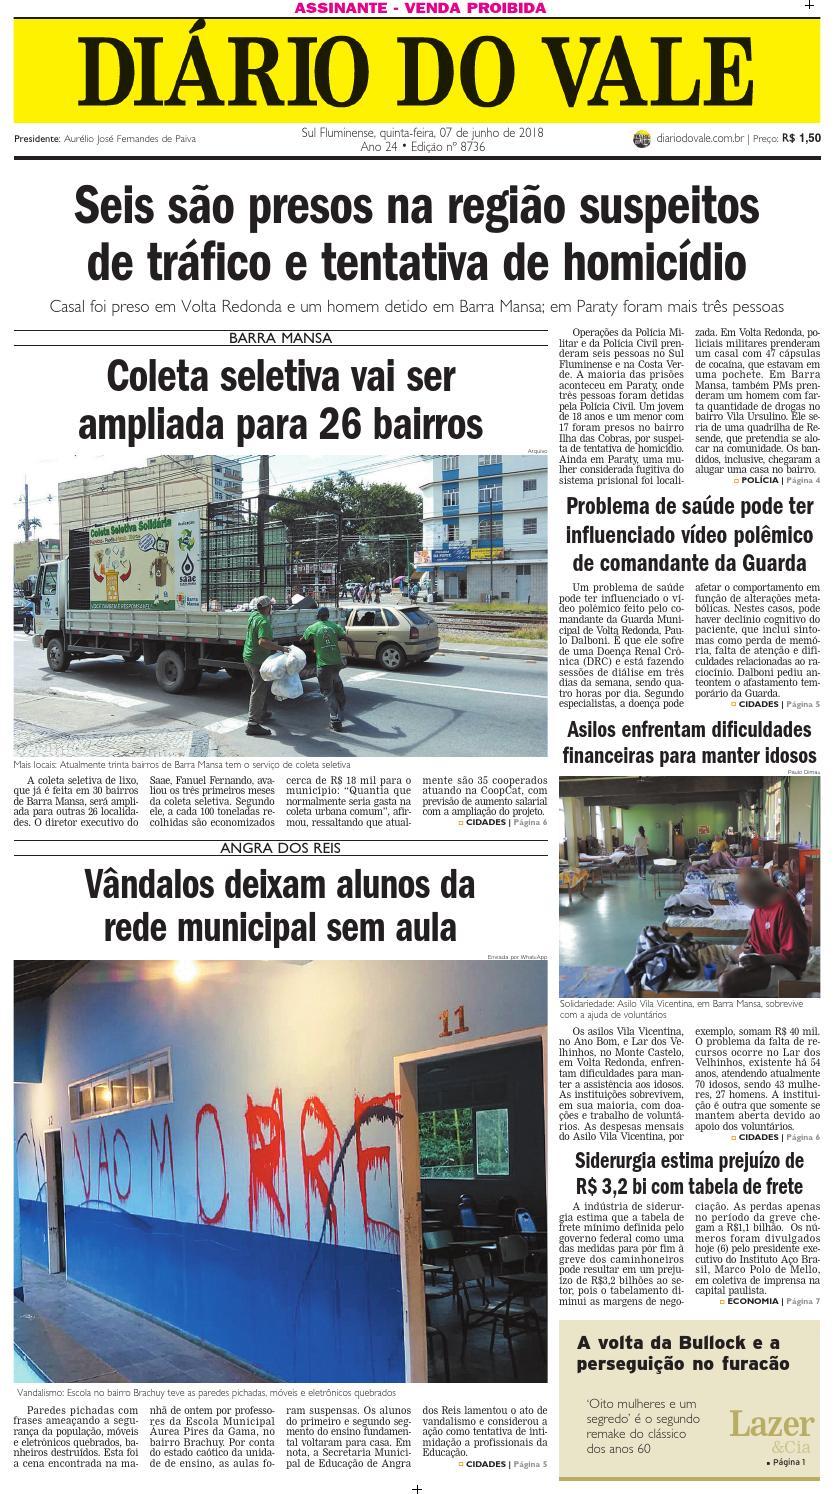 8736 diario quinta feira 07 06 2018 by Diário do Vale - issuu 1e95dcbb64